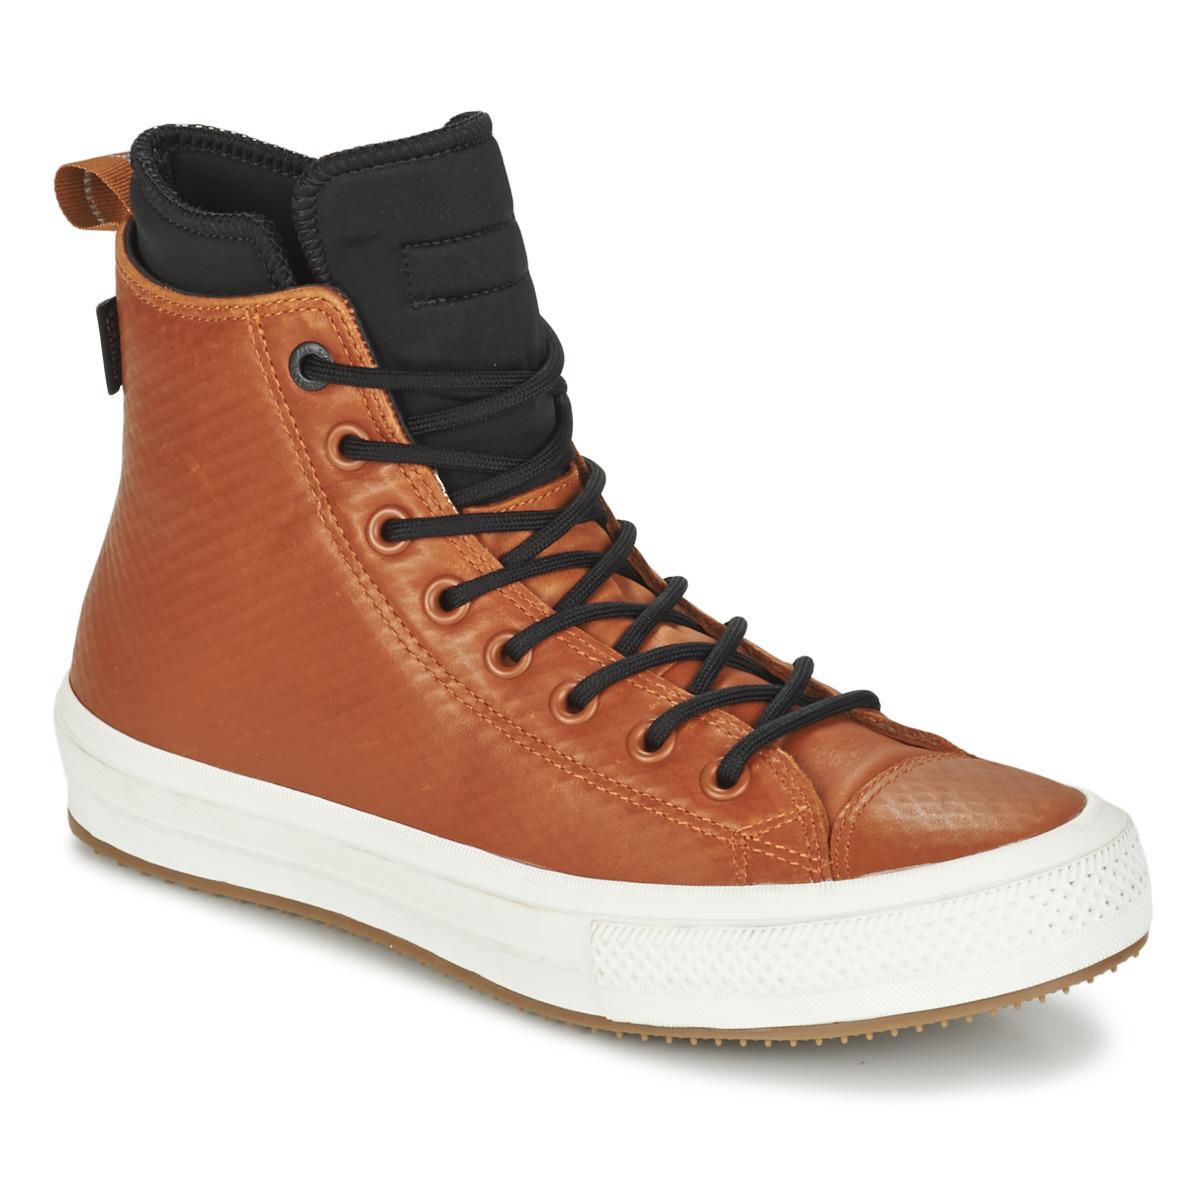 Chuck Boot Neoprene Cuir All Taylor Chaussures Star Femmes Hi Ii dCoerBx